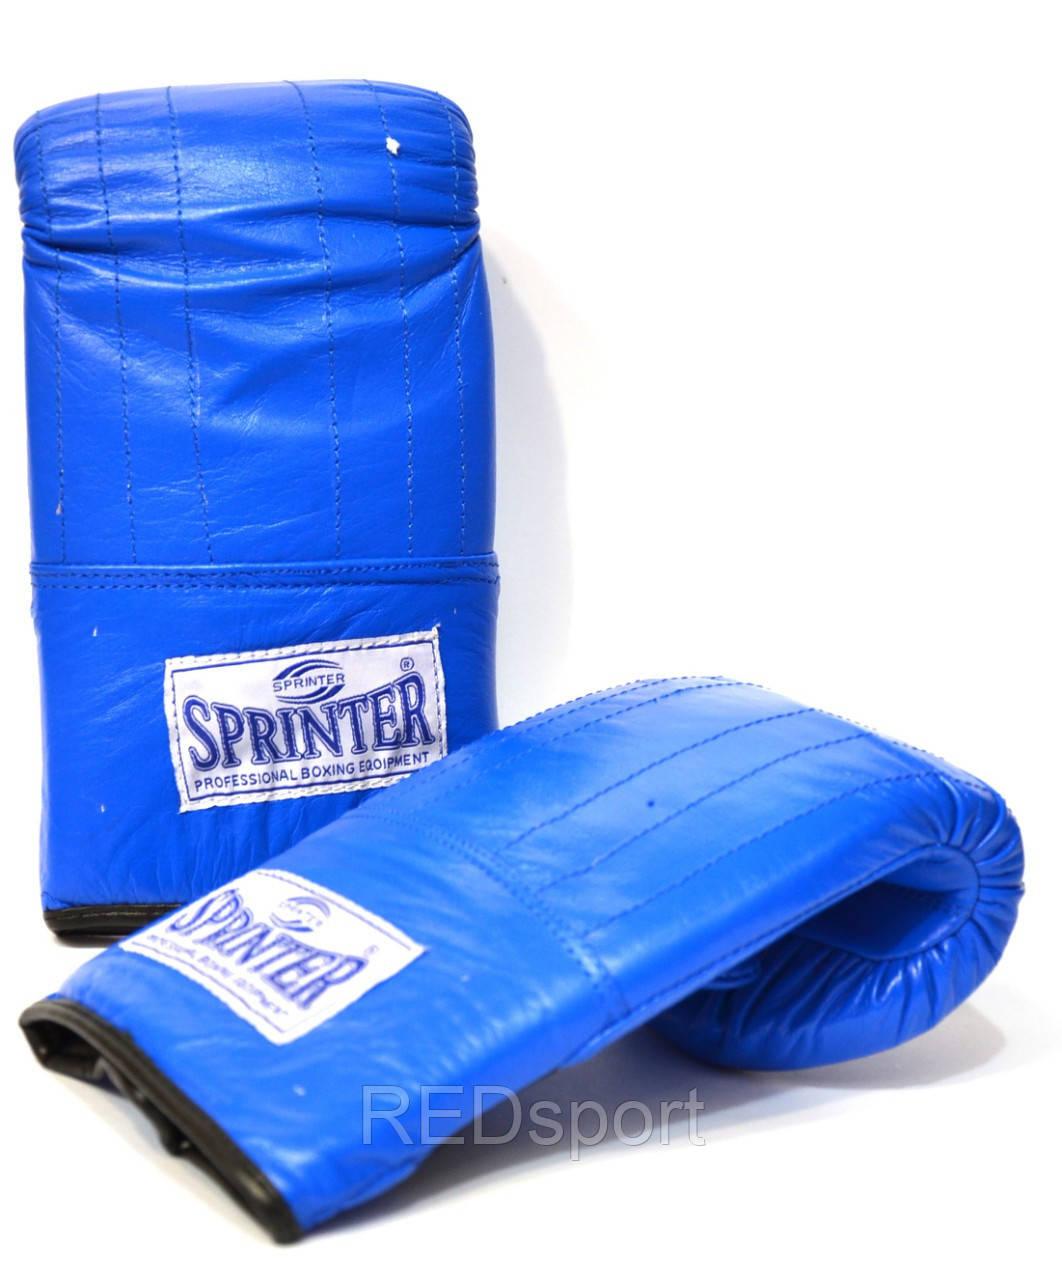 Снарядные перчатки SPRINTER из натуральной кожи. Рукавички снарядні - REDsport в Харькове